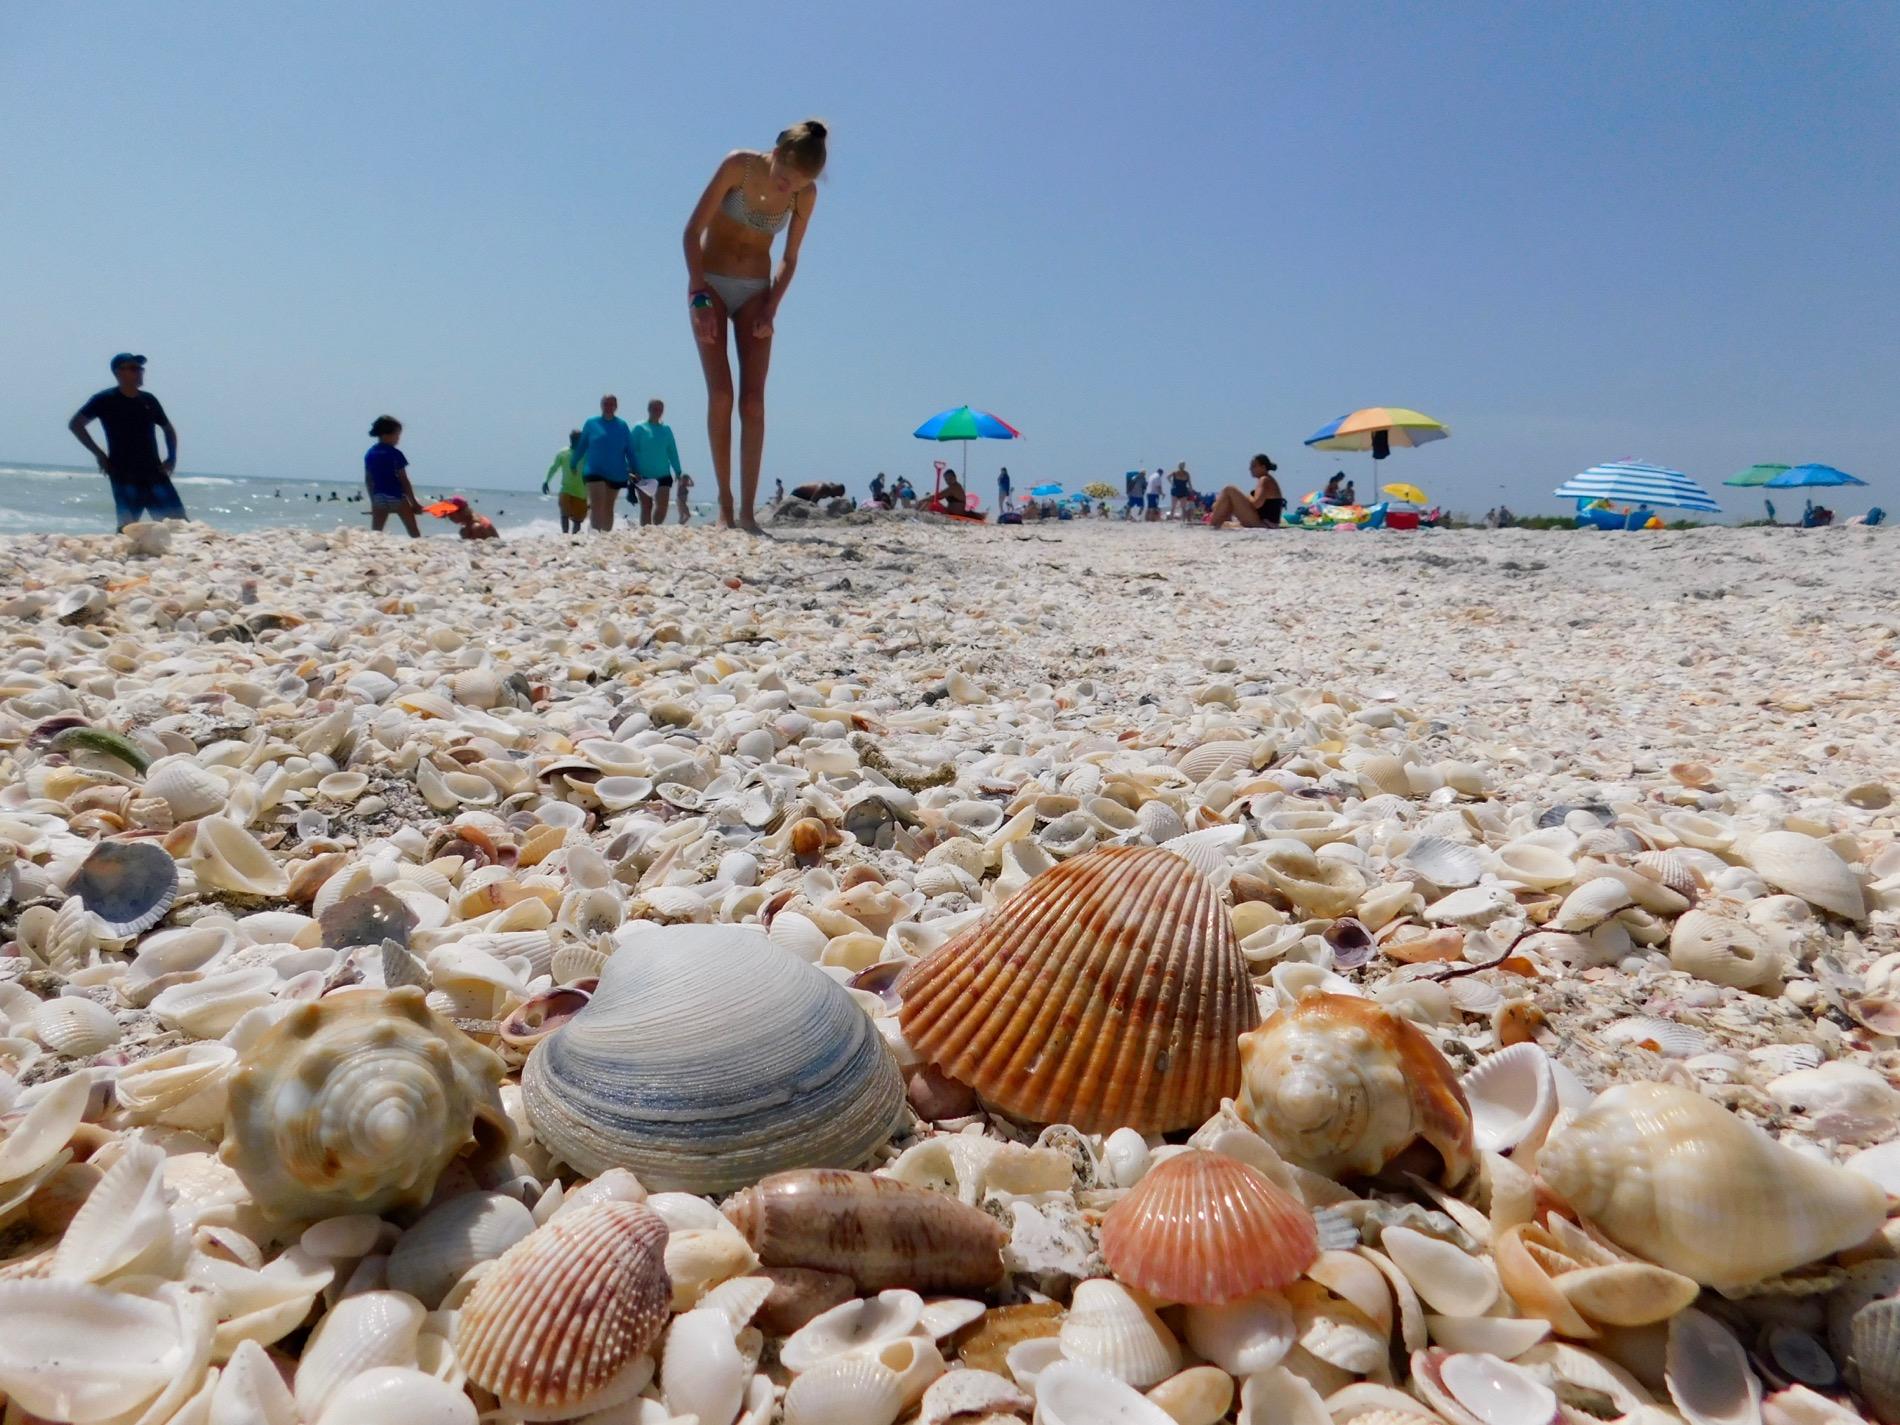 Coquillages sur la plage de Bowman's Beach sur l'île de Sanibel (Floride)